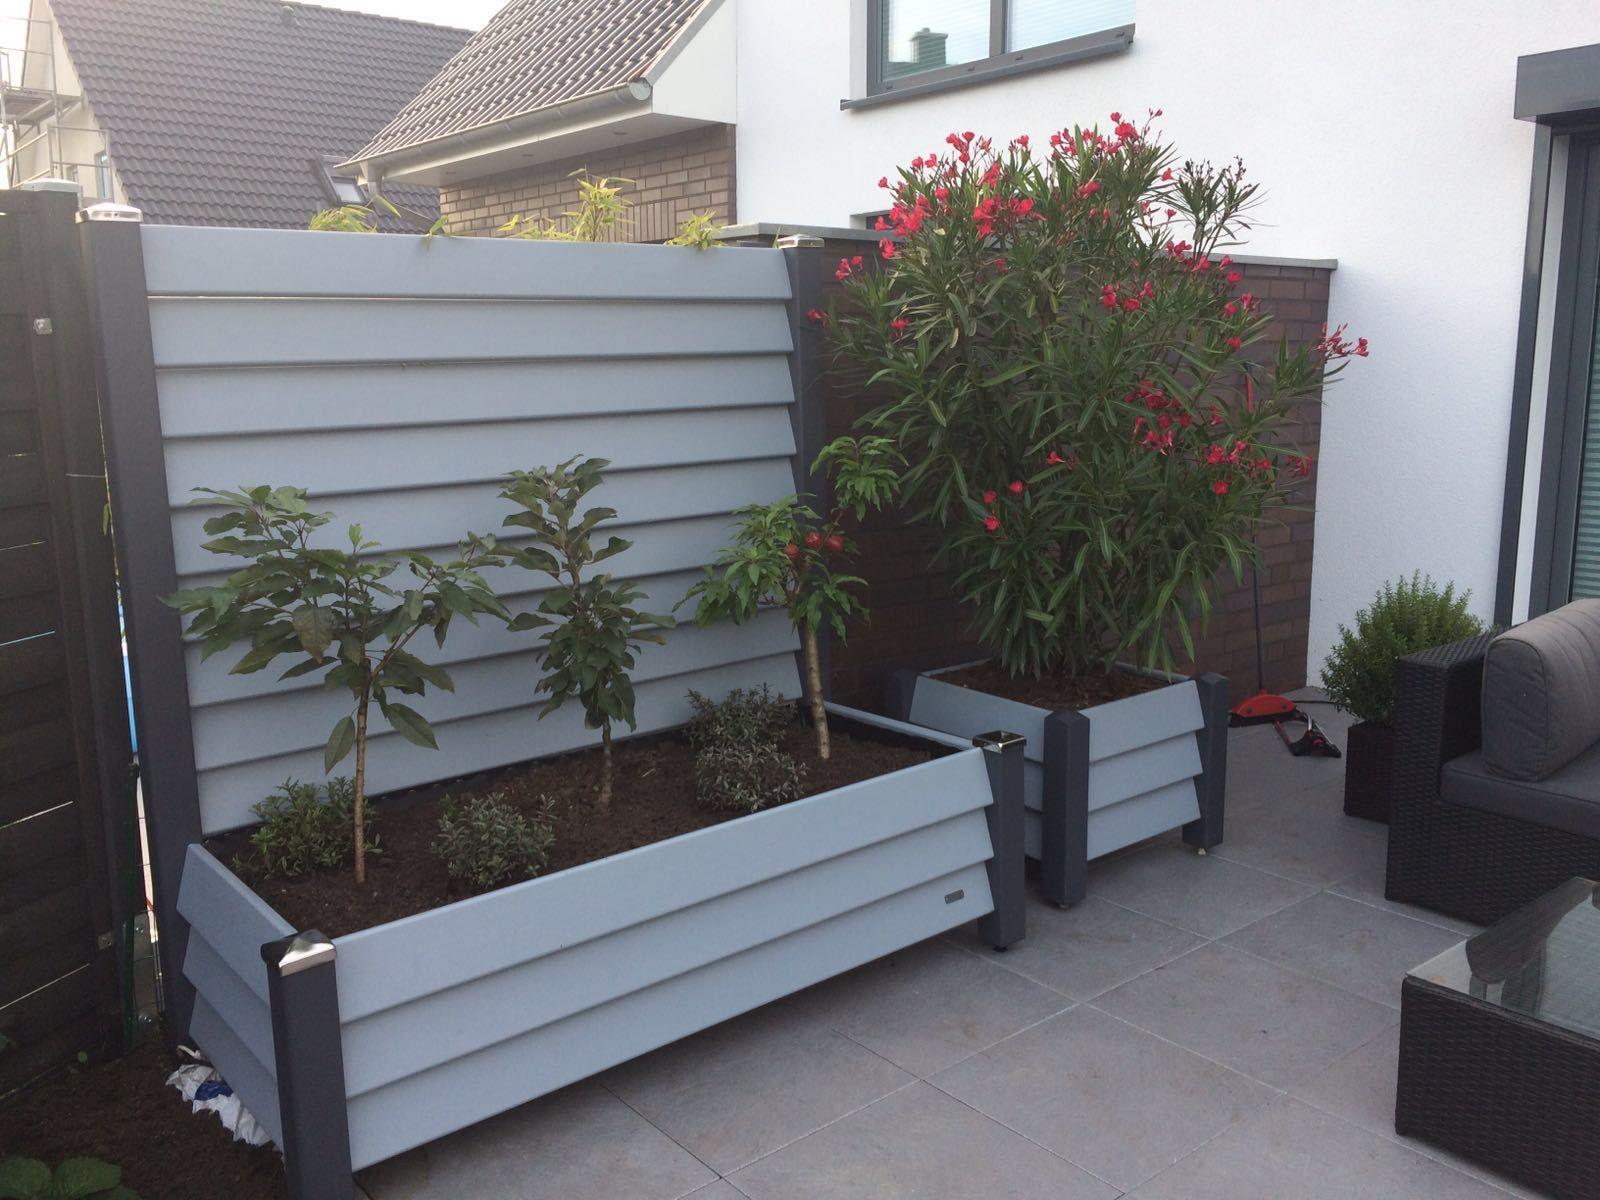 Mobile Sichtschutz Elemente ideal für Terrasse, Garten